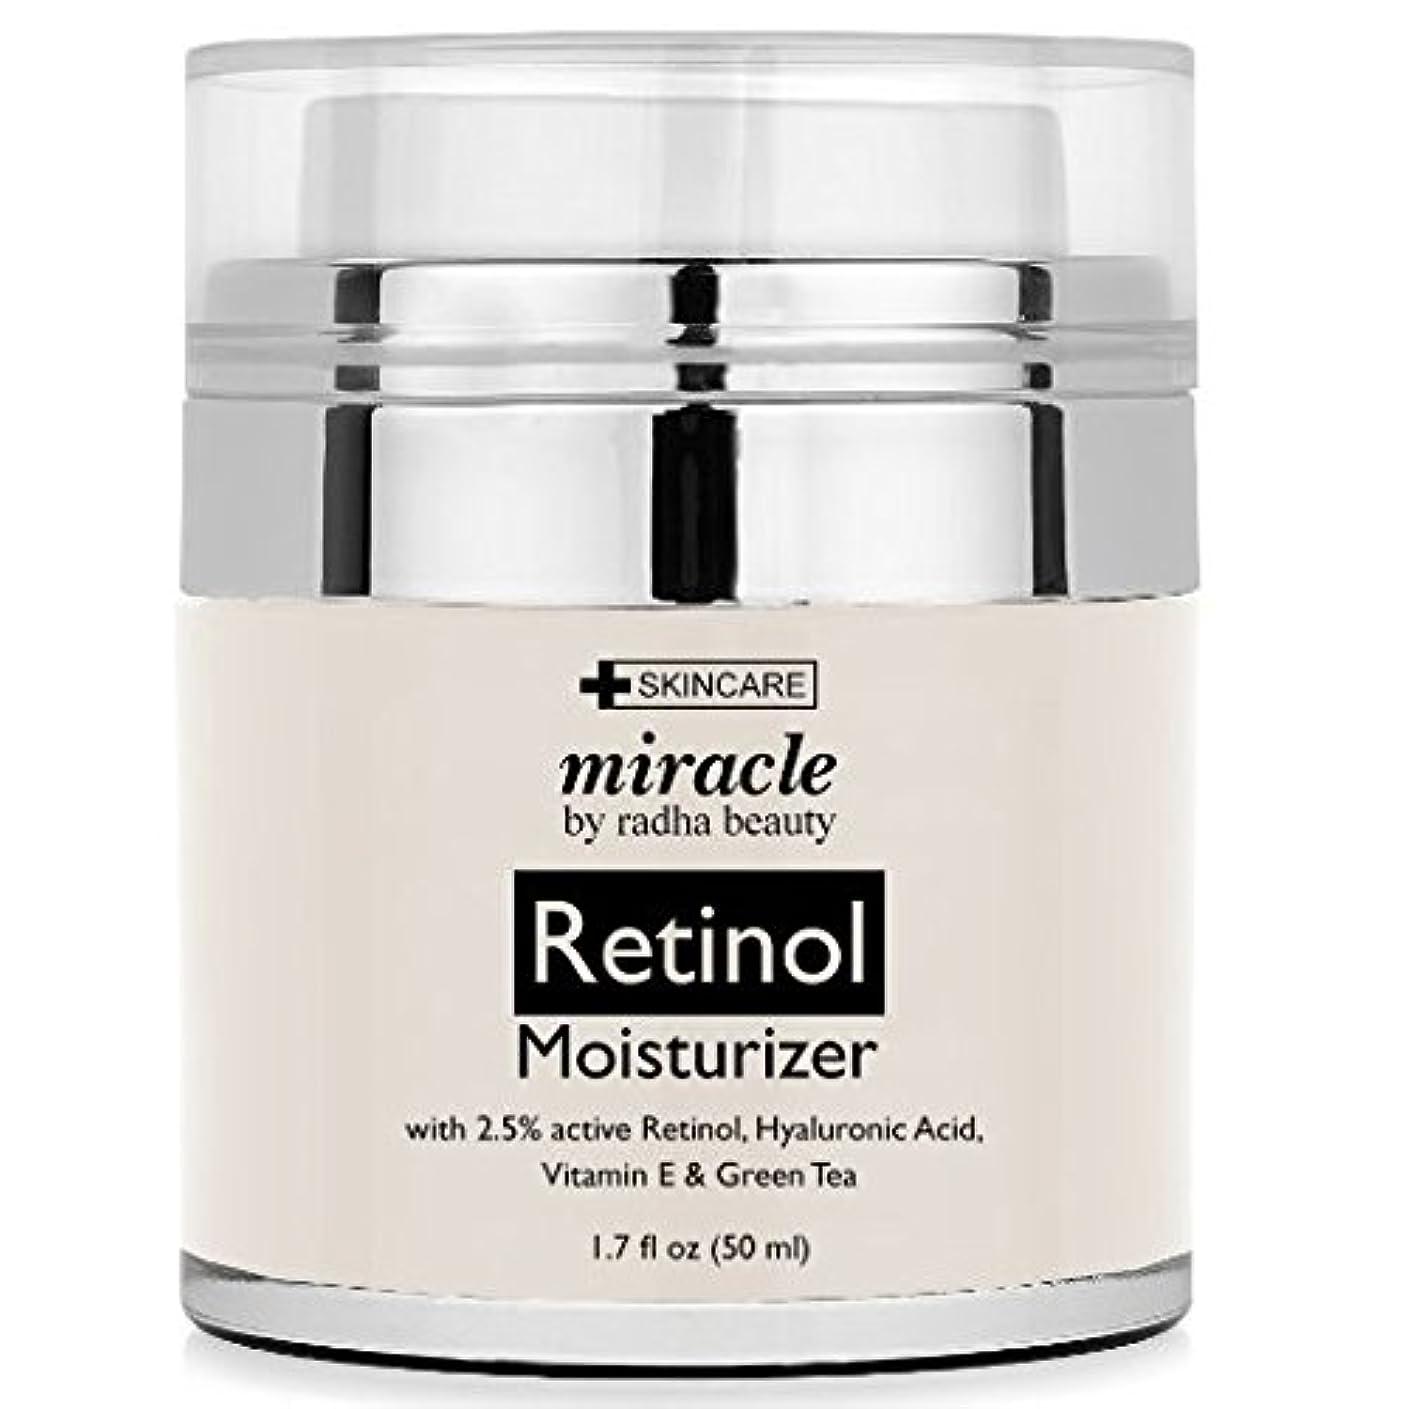 ポットエージェント心のこもったレチノール 保湿クリーム Retinol Moisturizer Cream for Face - With Retinol, Hyaluronic Acid, Tea Tree Oil and Jojoba Oil、 ...